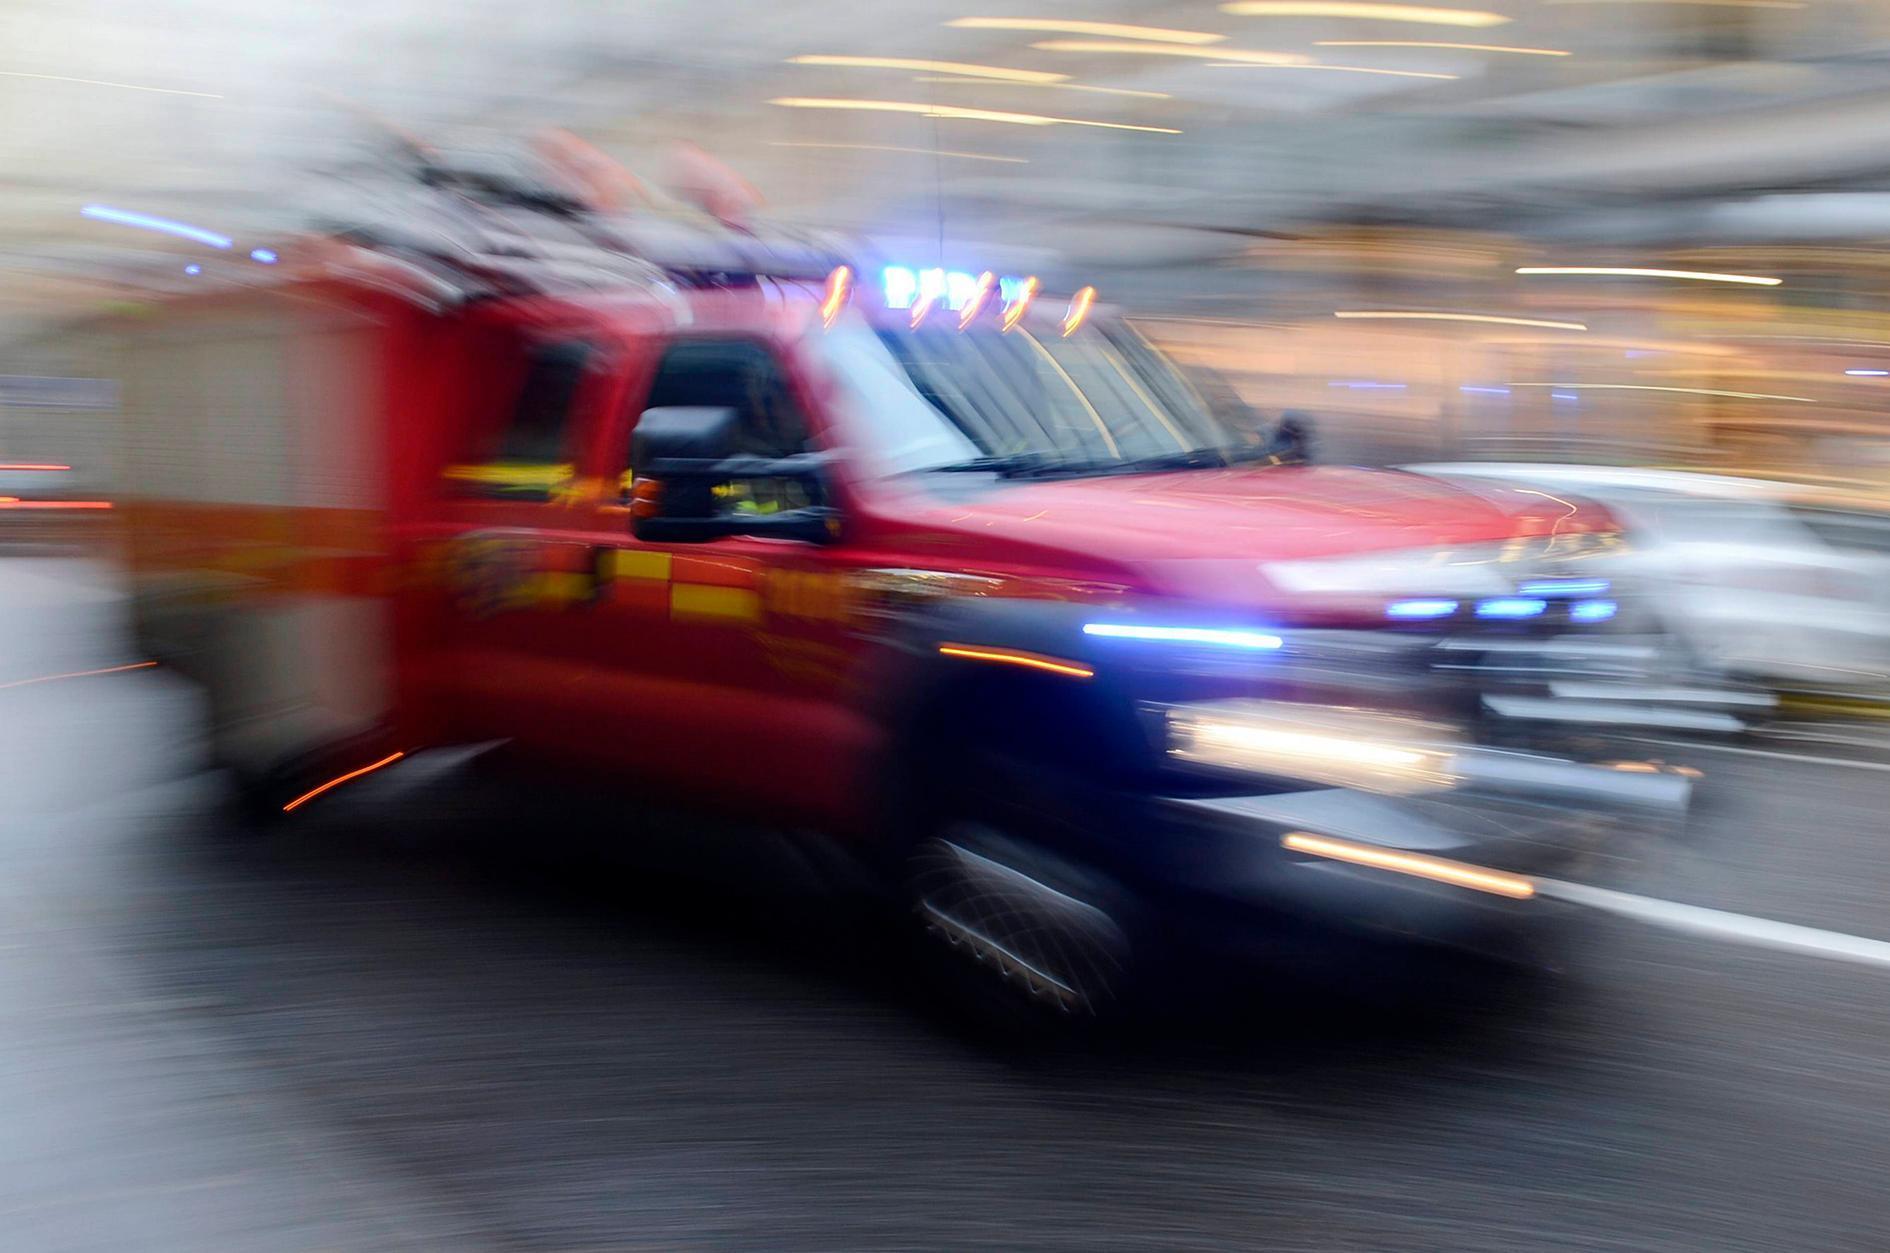 Larm om trafikolycka på E16 i Yttermalung – personbil har kört in i husvagn